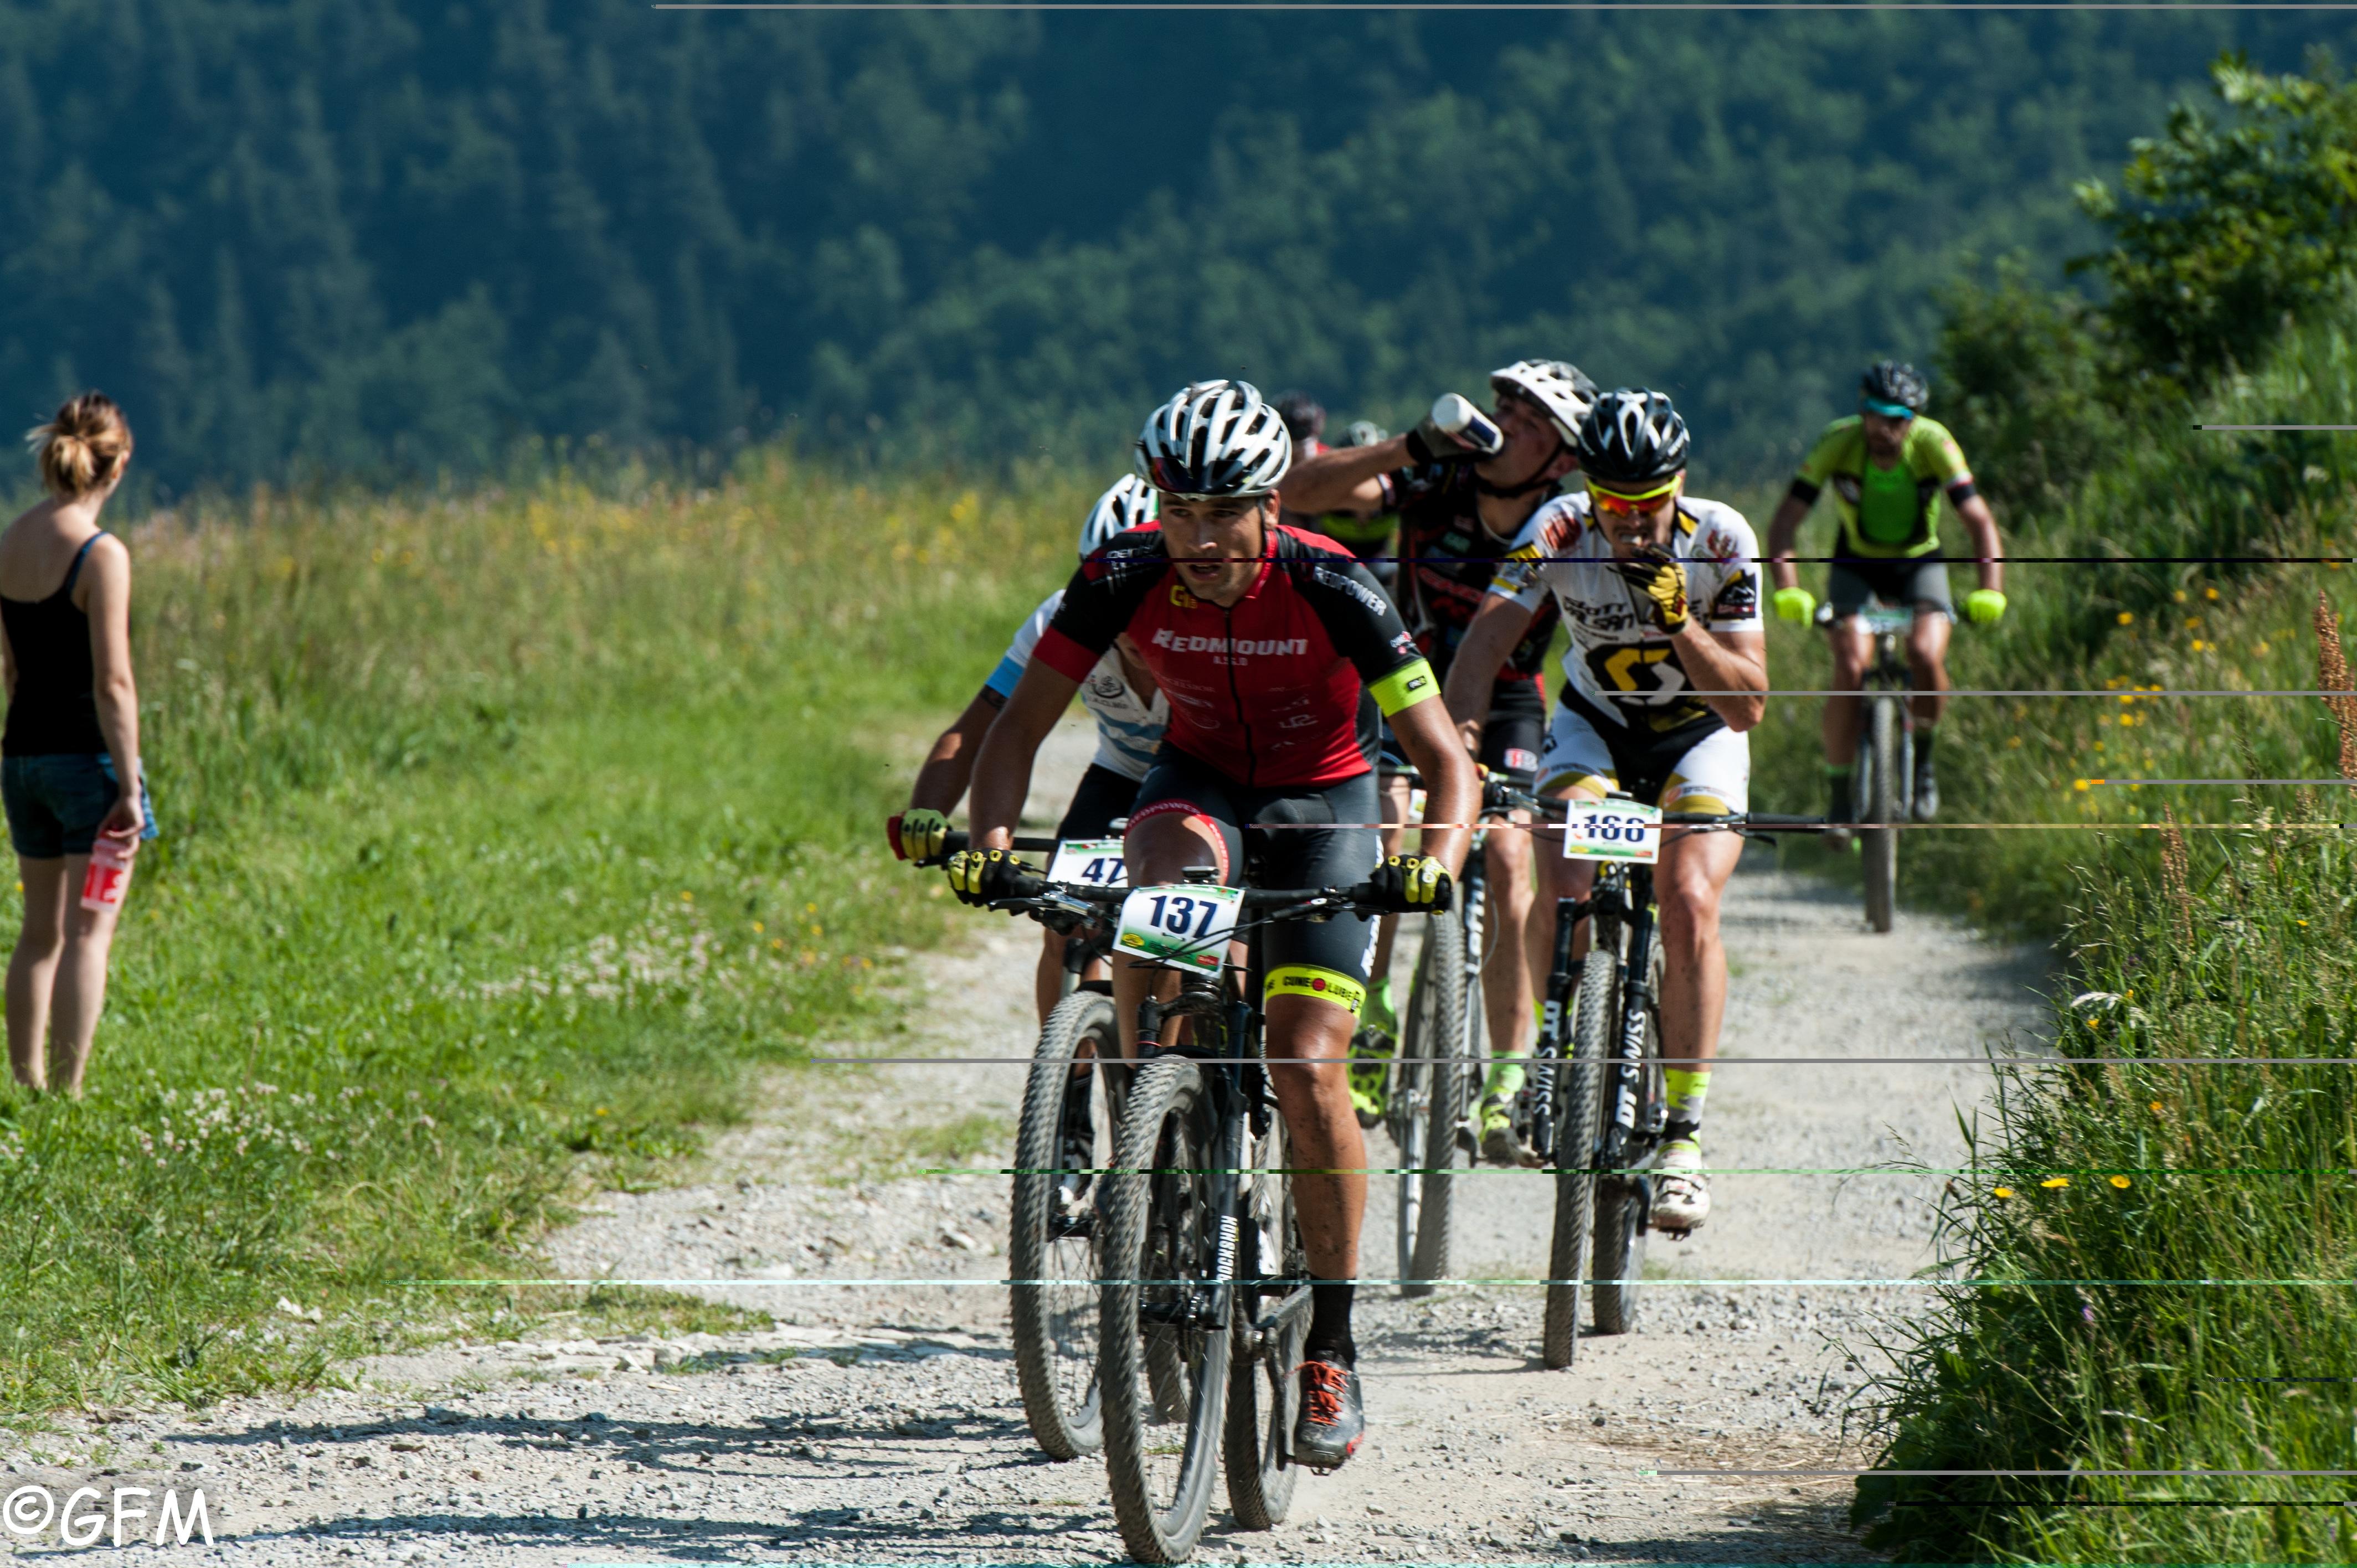 Prima tappa del circuito 2017 che propone emozionanti discese in mountain bike in contesti urbani